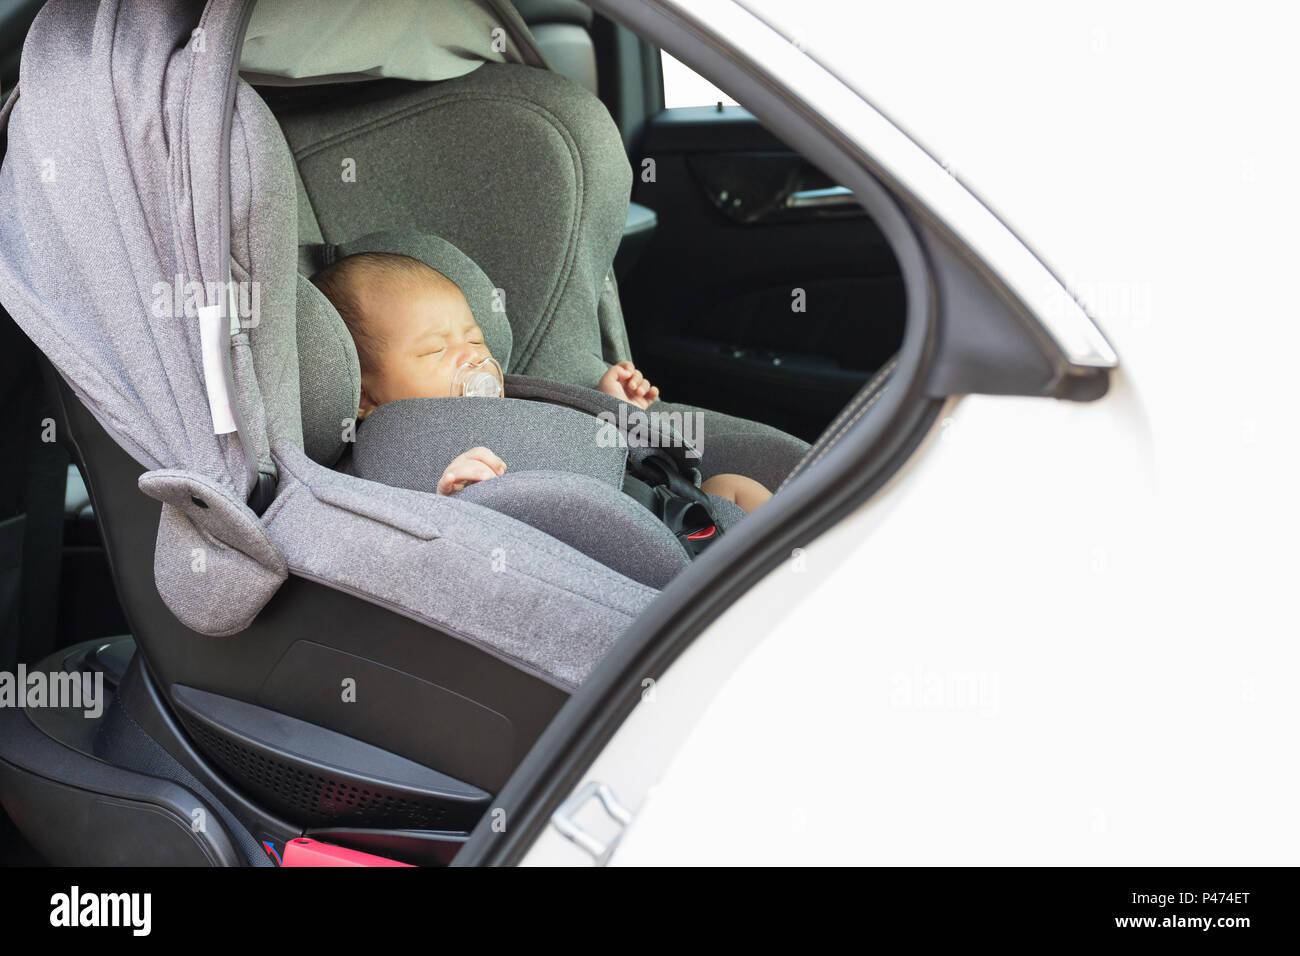 baa34caee Asia un mes lindo bebé recién nacido duerme en el asiento de coche moderno.